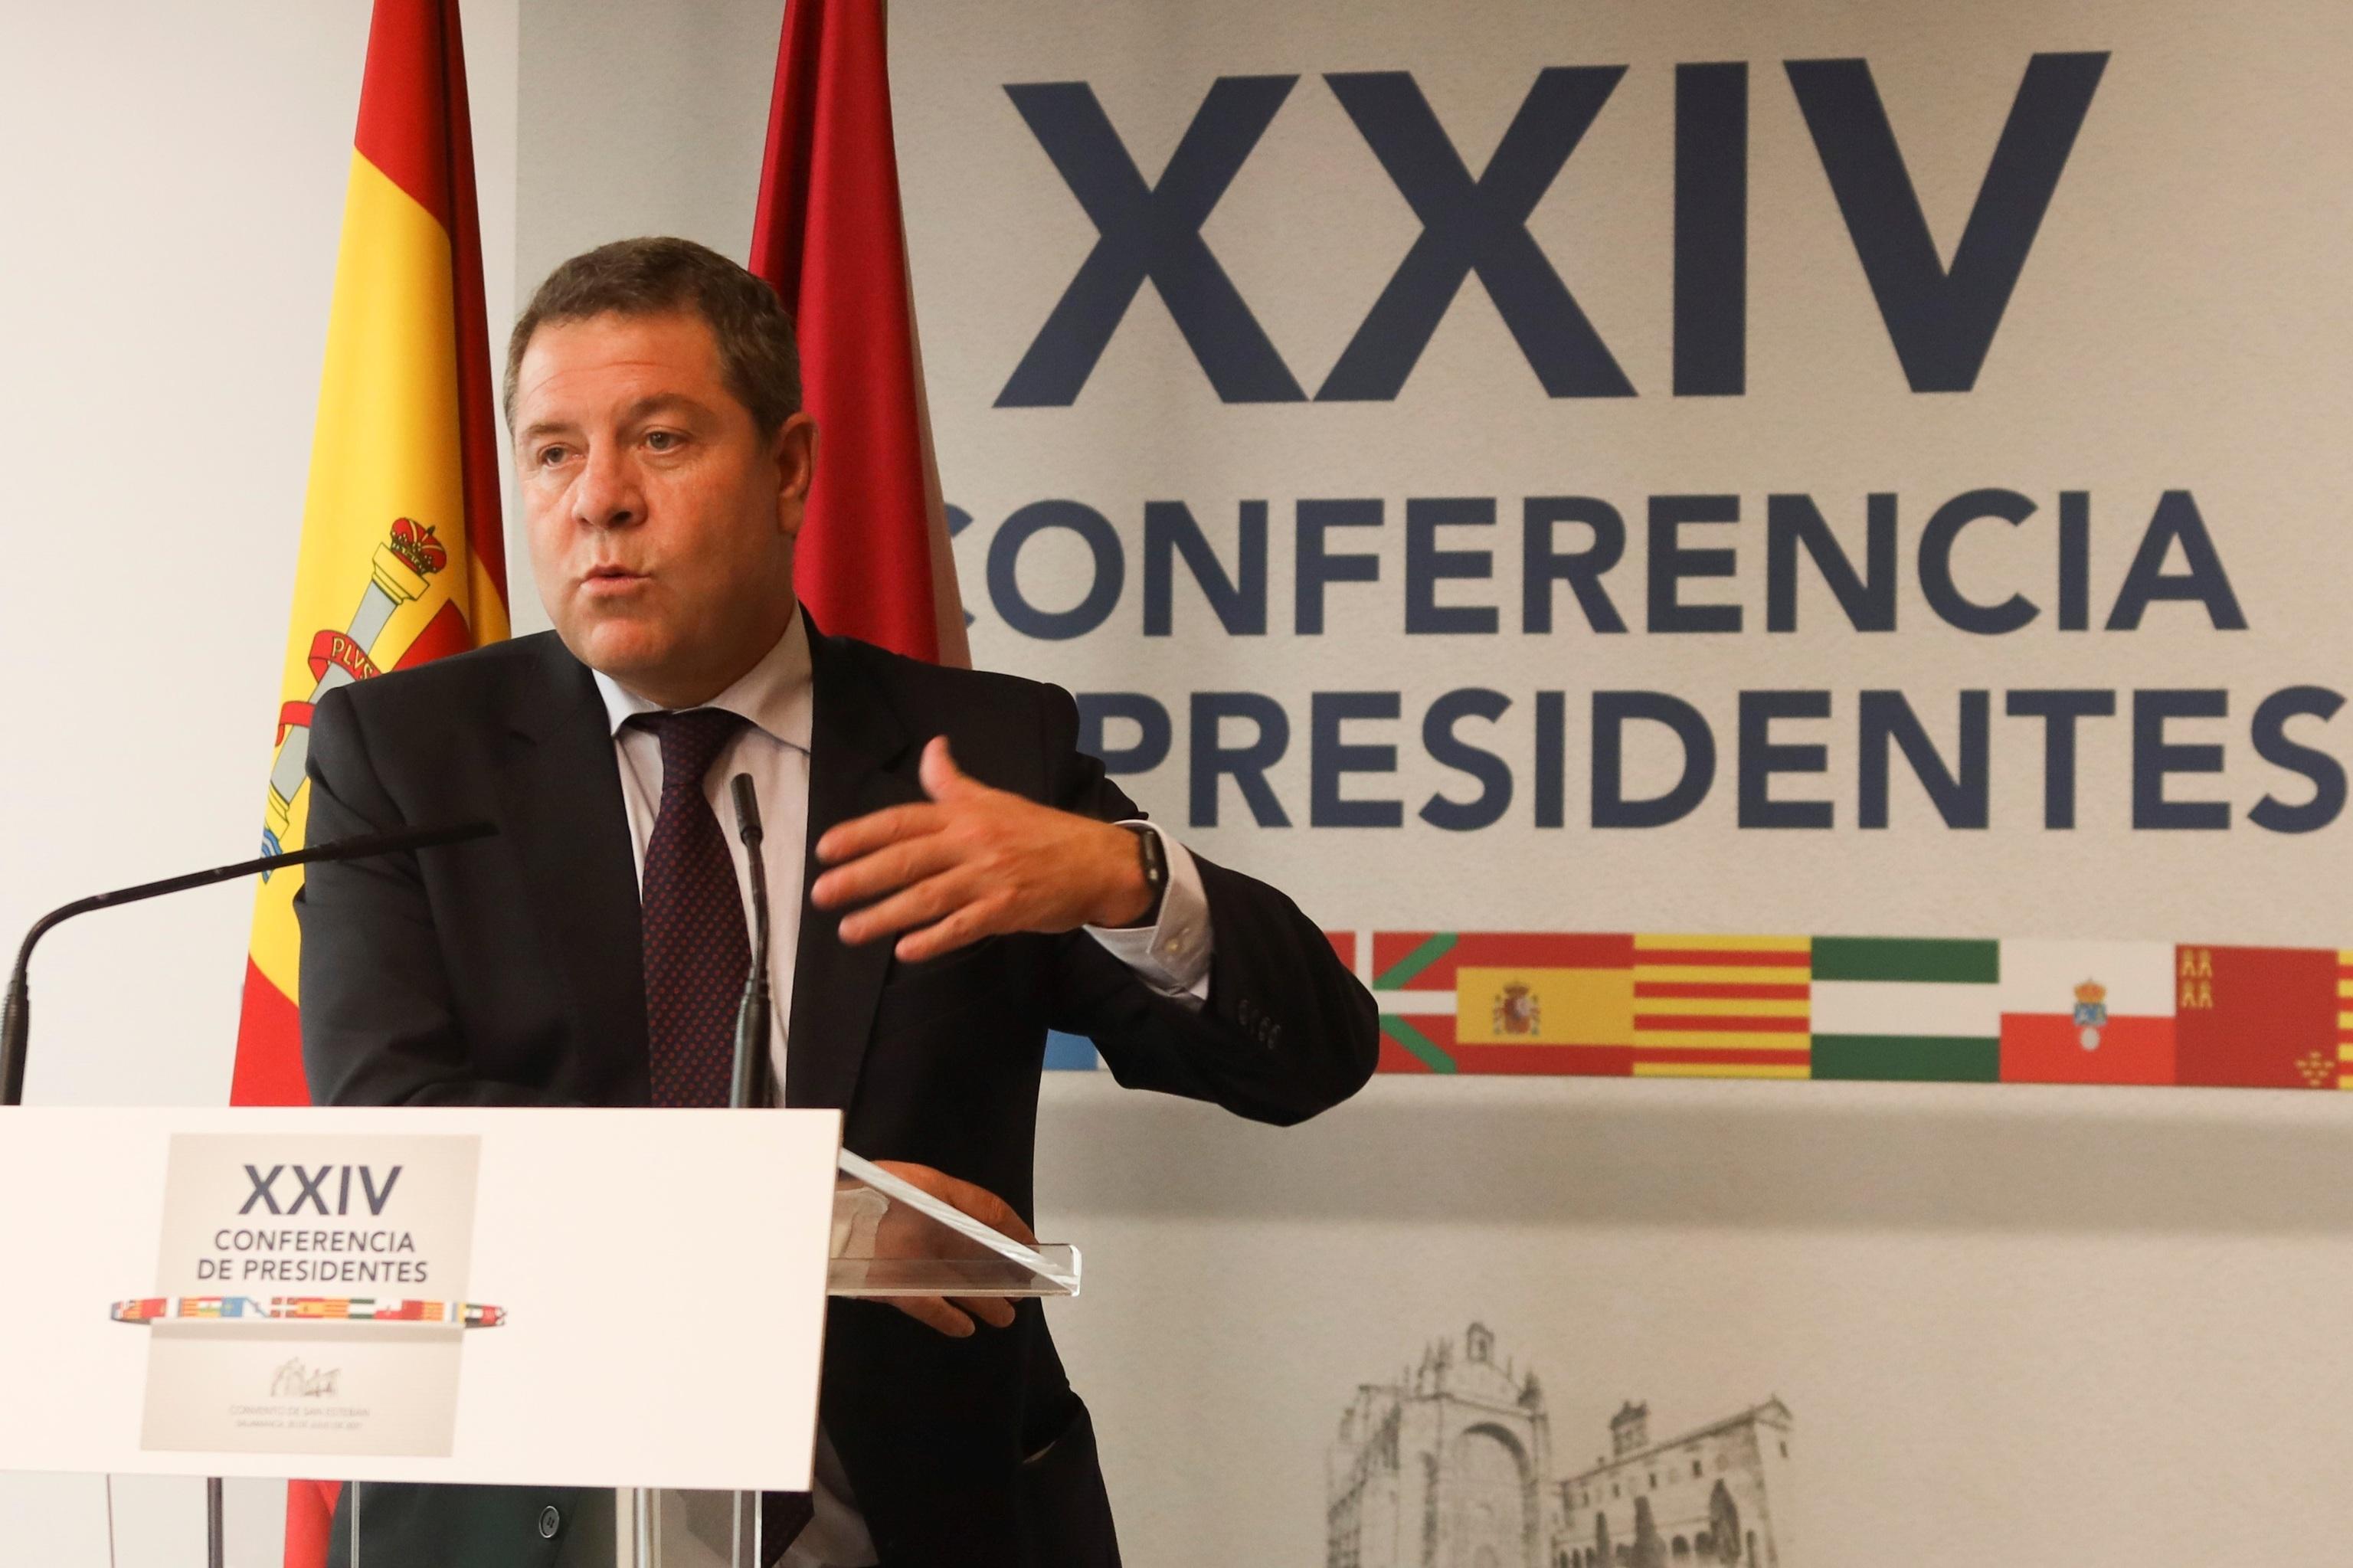 Le président de Castilla-La Mancha, Emiliano Garc